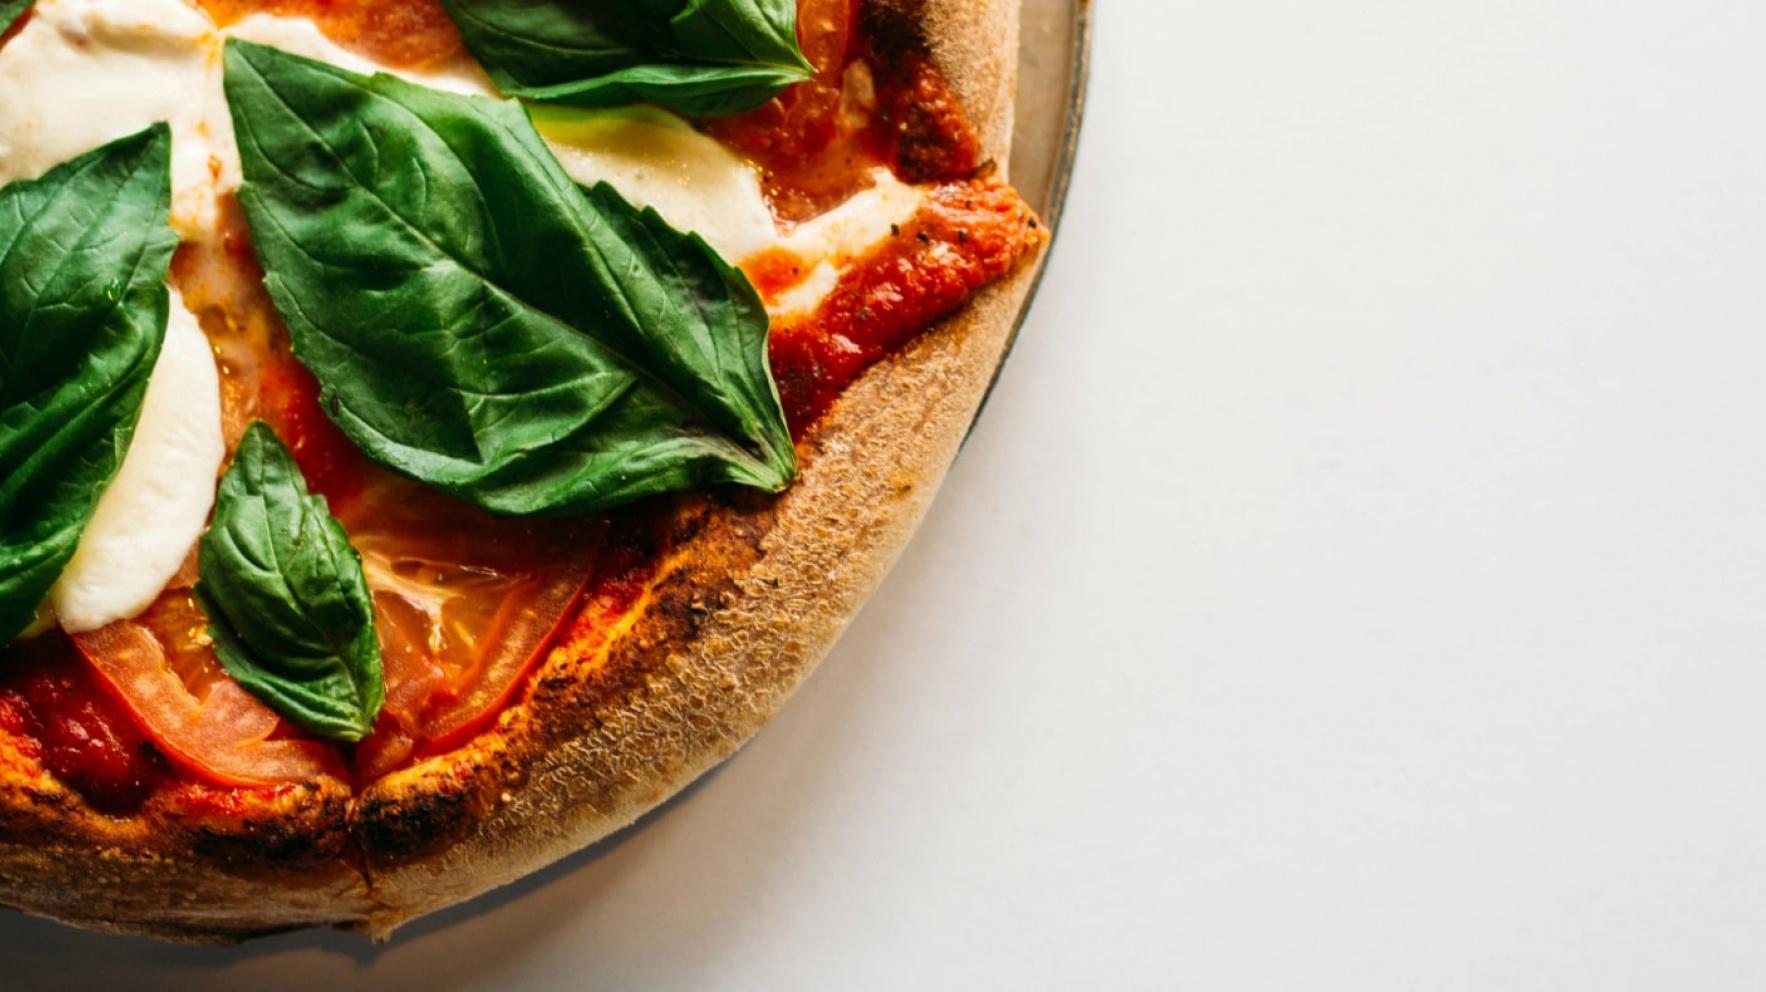 Italian Dishes & Cuisine